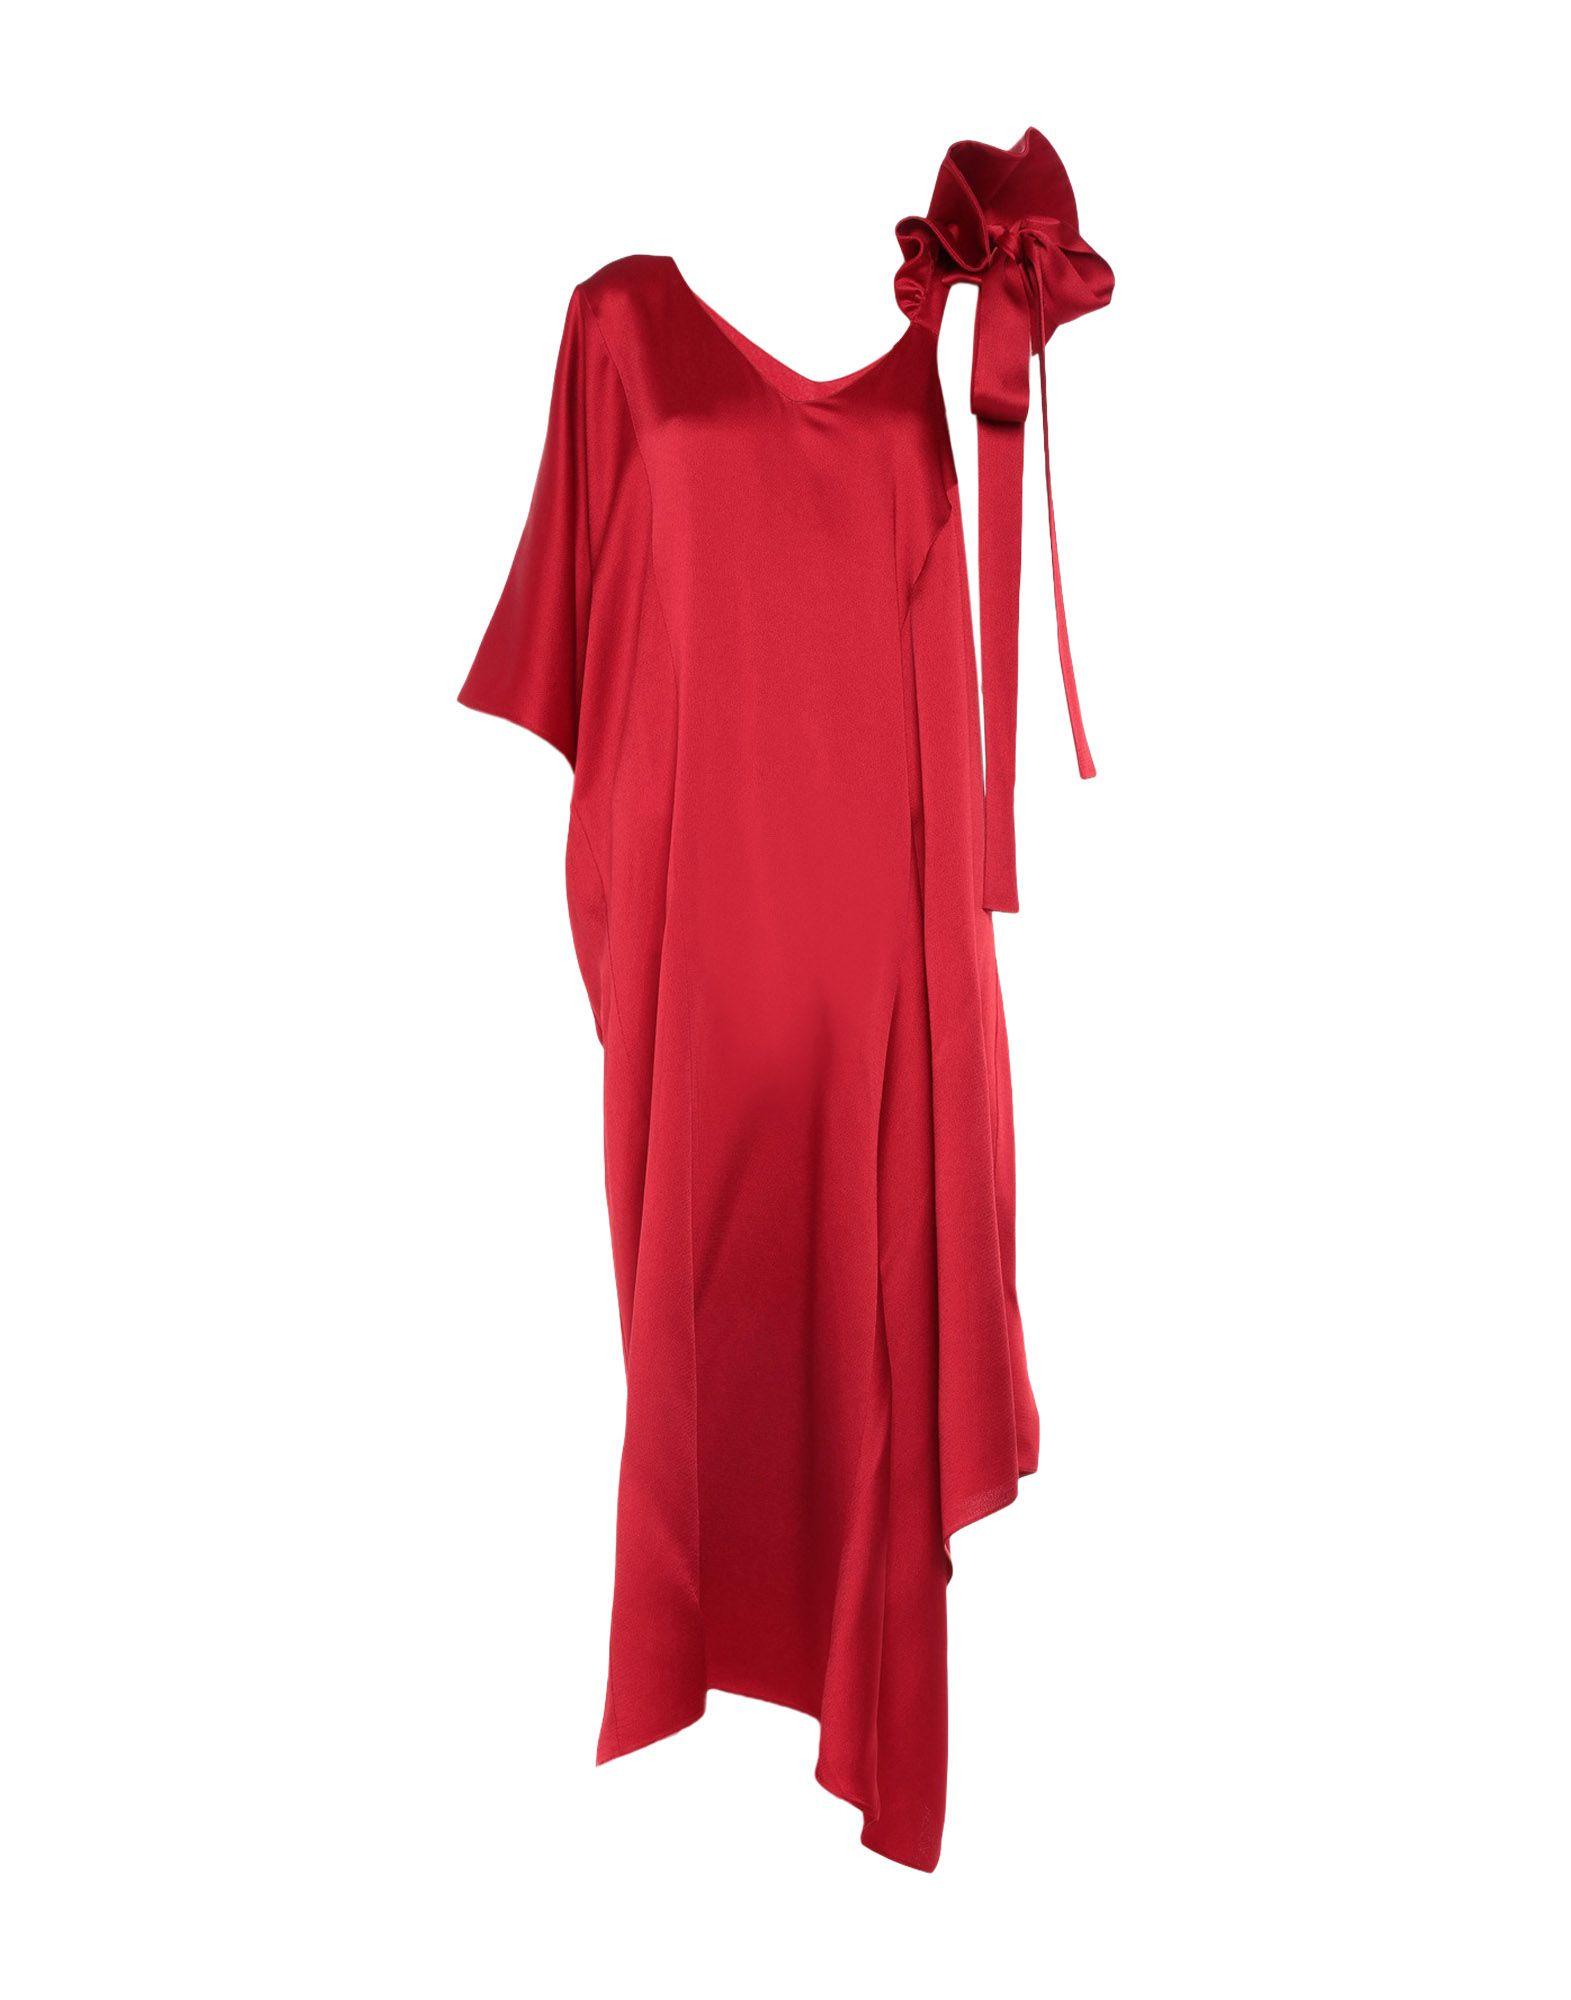 VALENTINO Платье длиной 3/4 платье valentino red платья и сарафаны кружевные ажурные и гипюровые